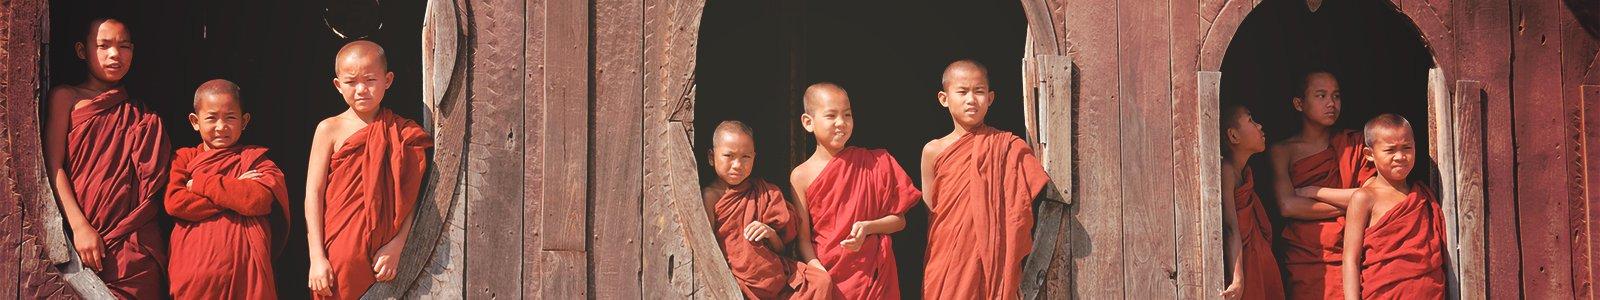 Novice Monks © iStockphoto.com/btrenkel